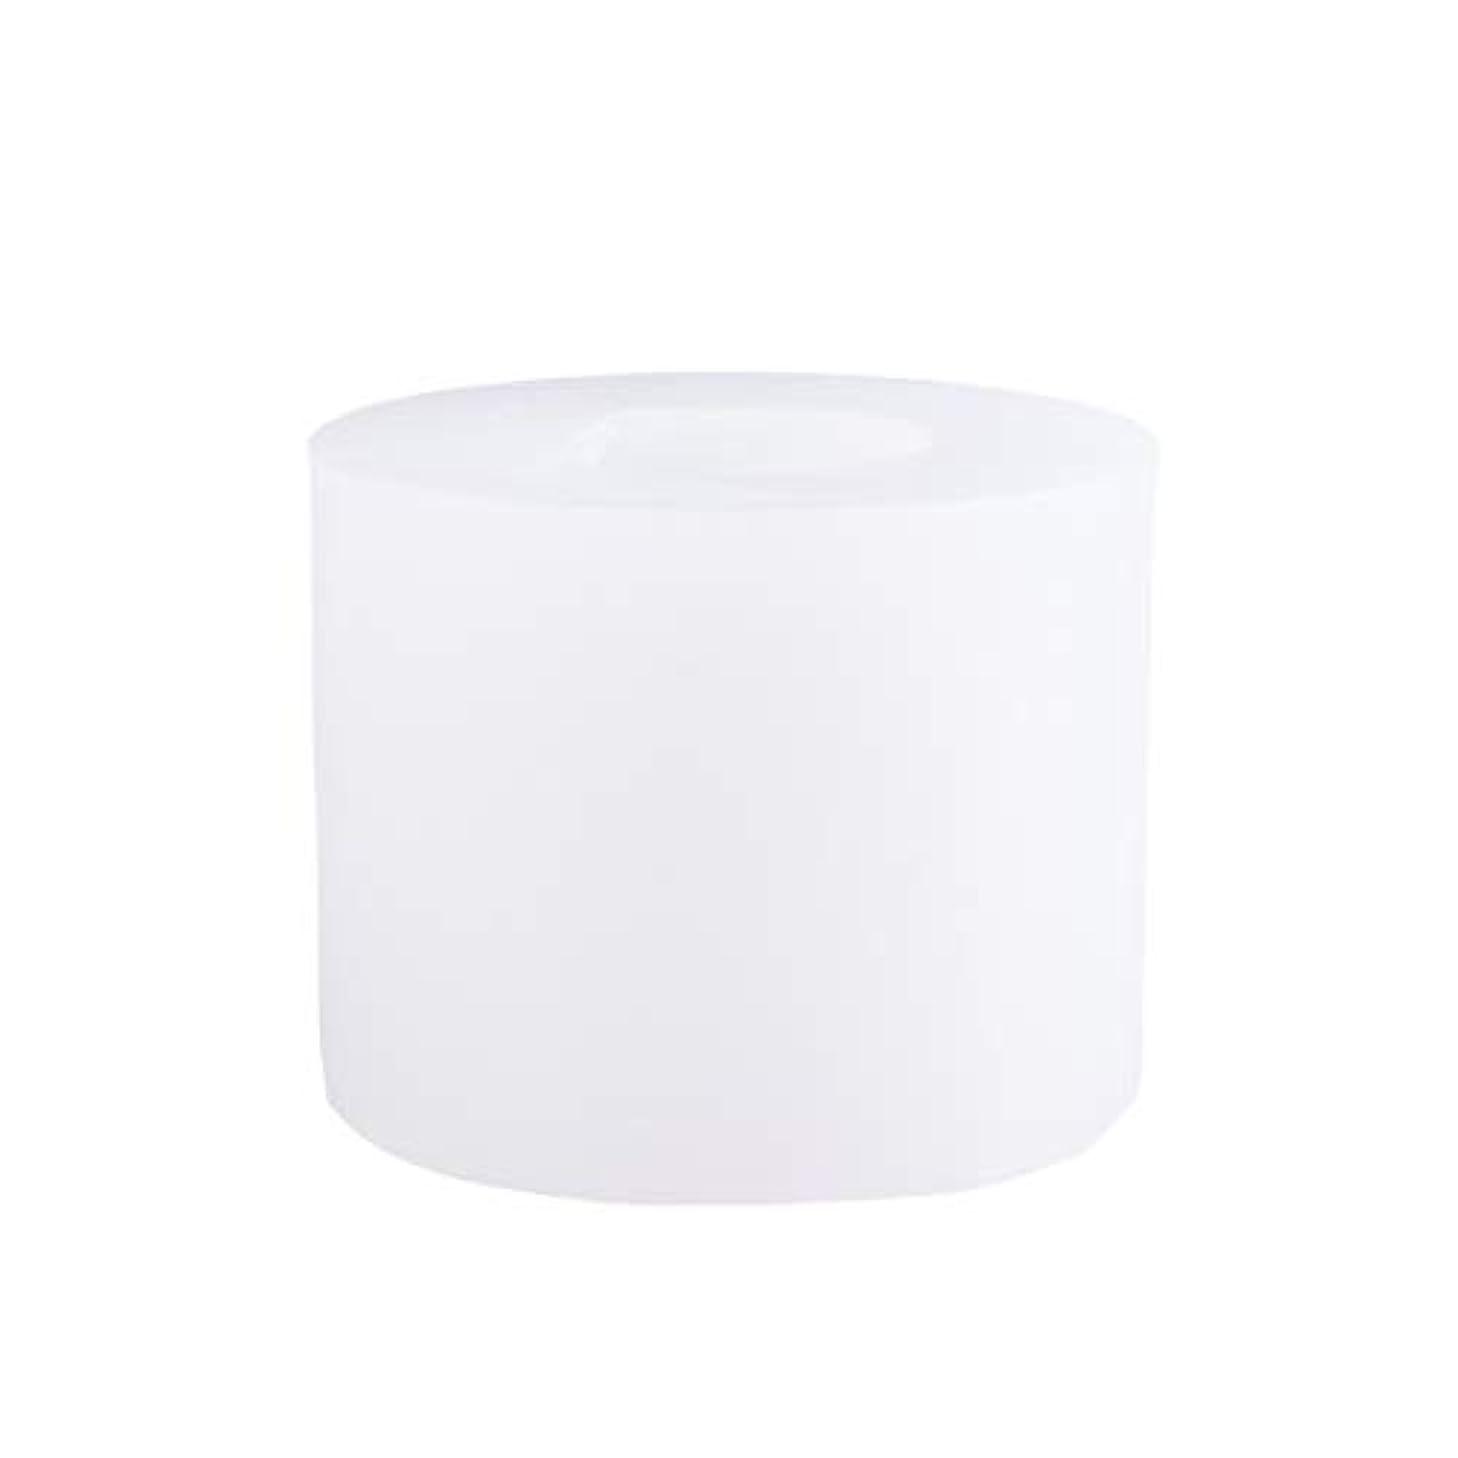 コンパニオン戦闘中SUPVOX 3Dシリコーンの香料入りの蝋燭型DIYの技術はフォンダンケーキ型を形成します